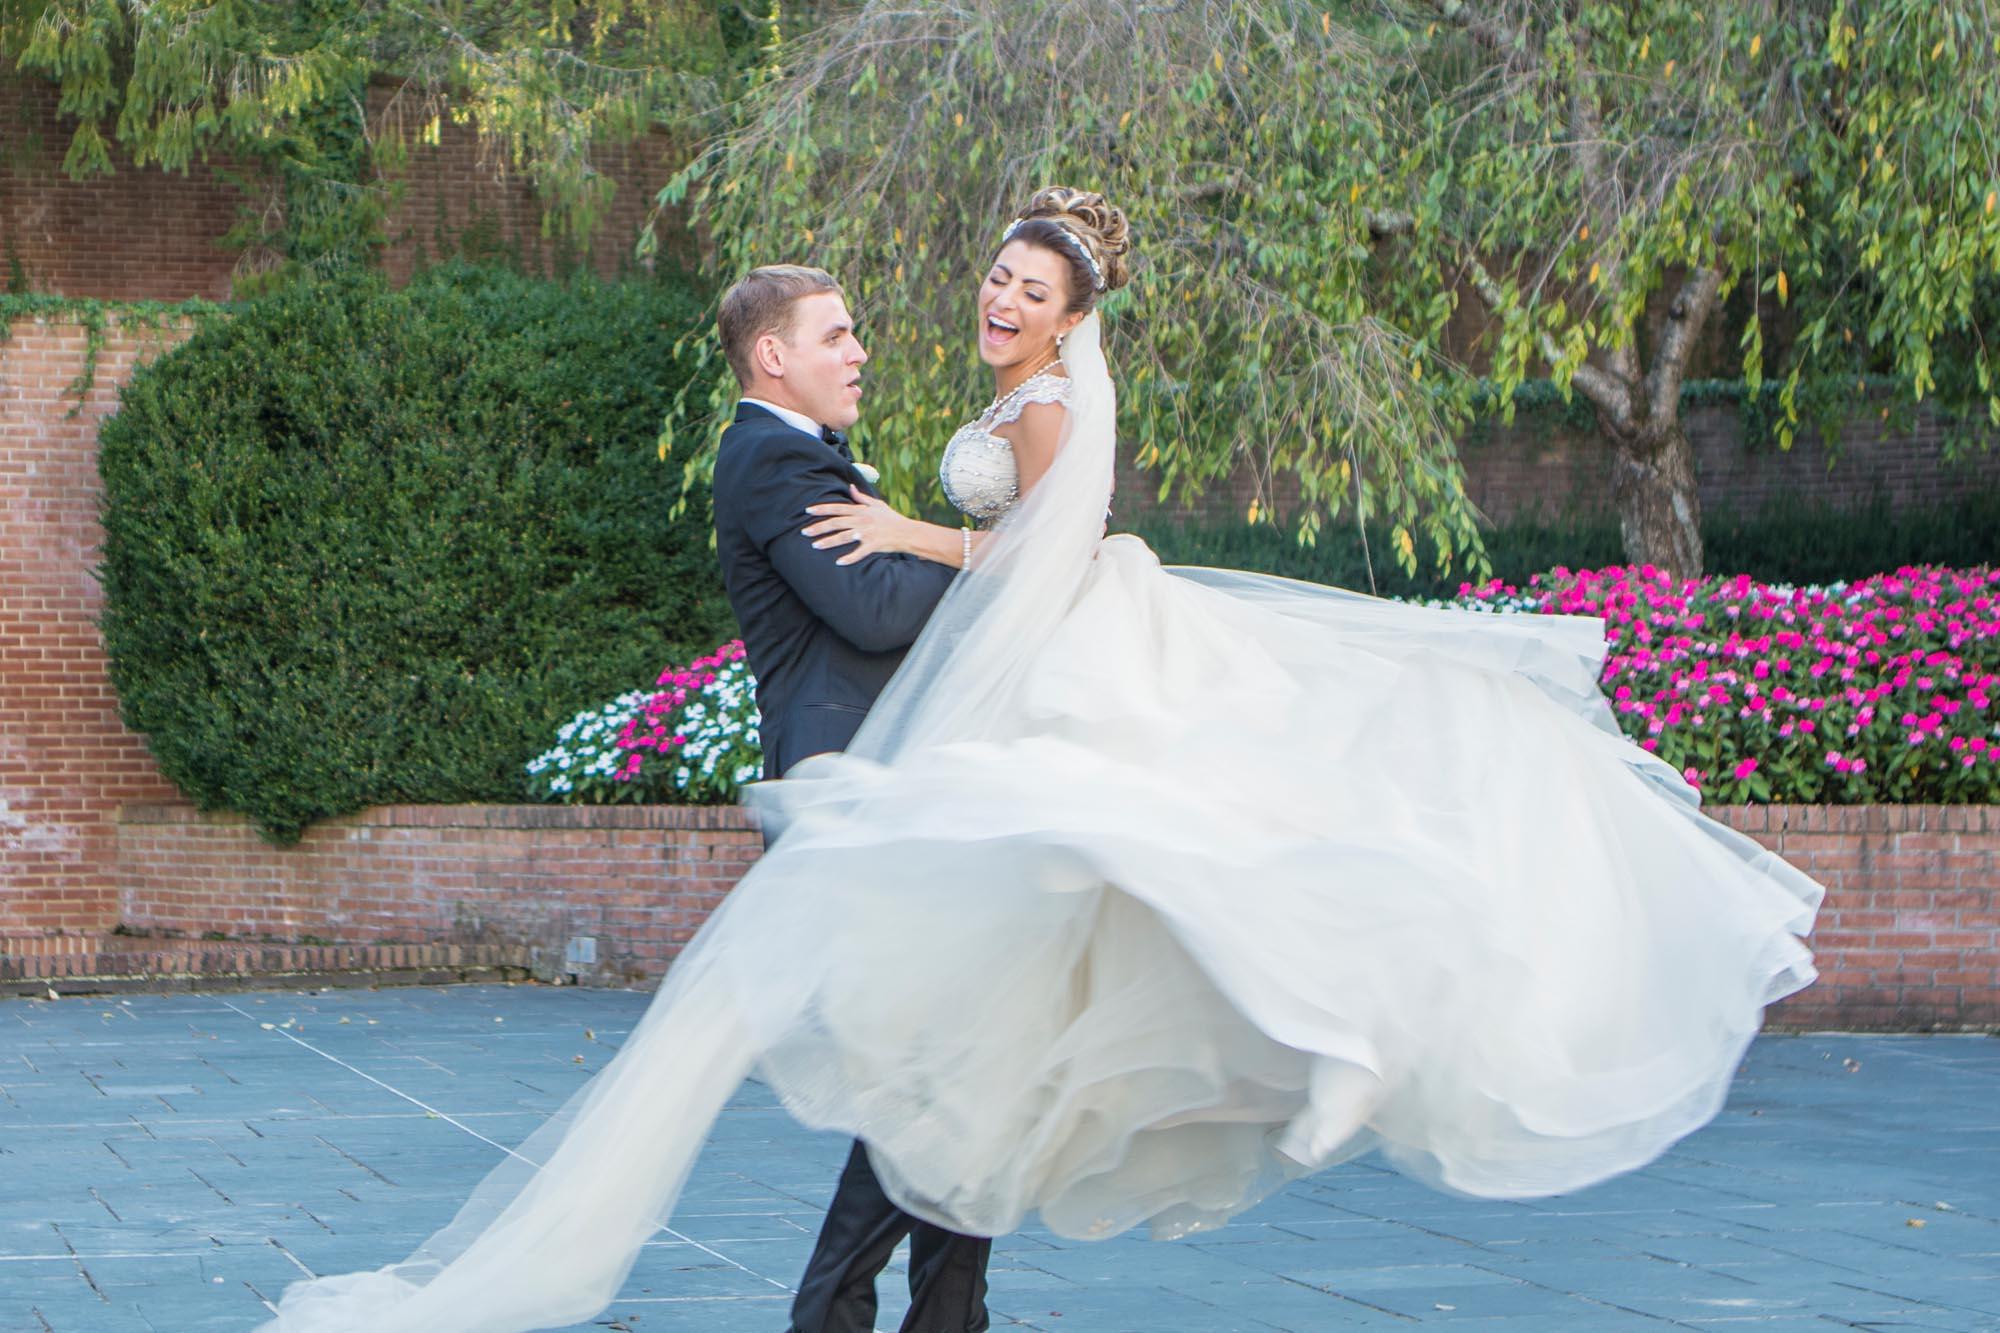 wv-wedding-photographer-sheena-pendley-9525.jpg